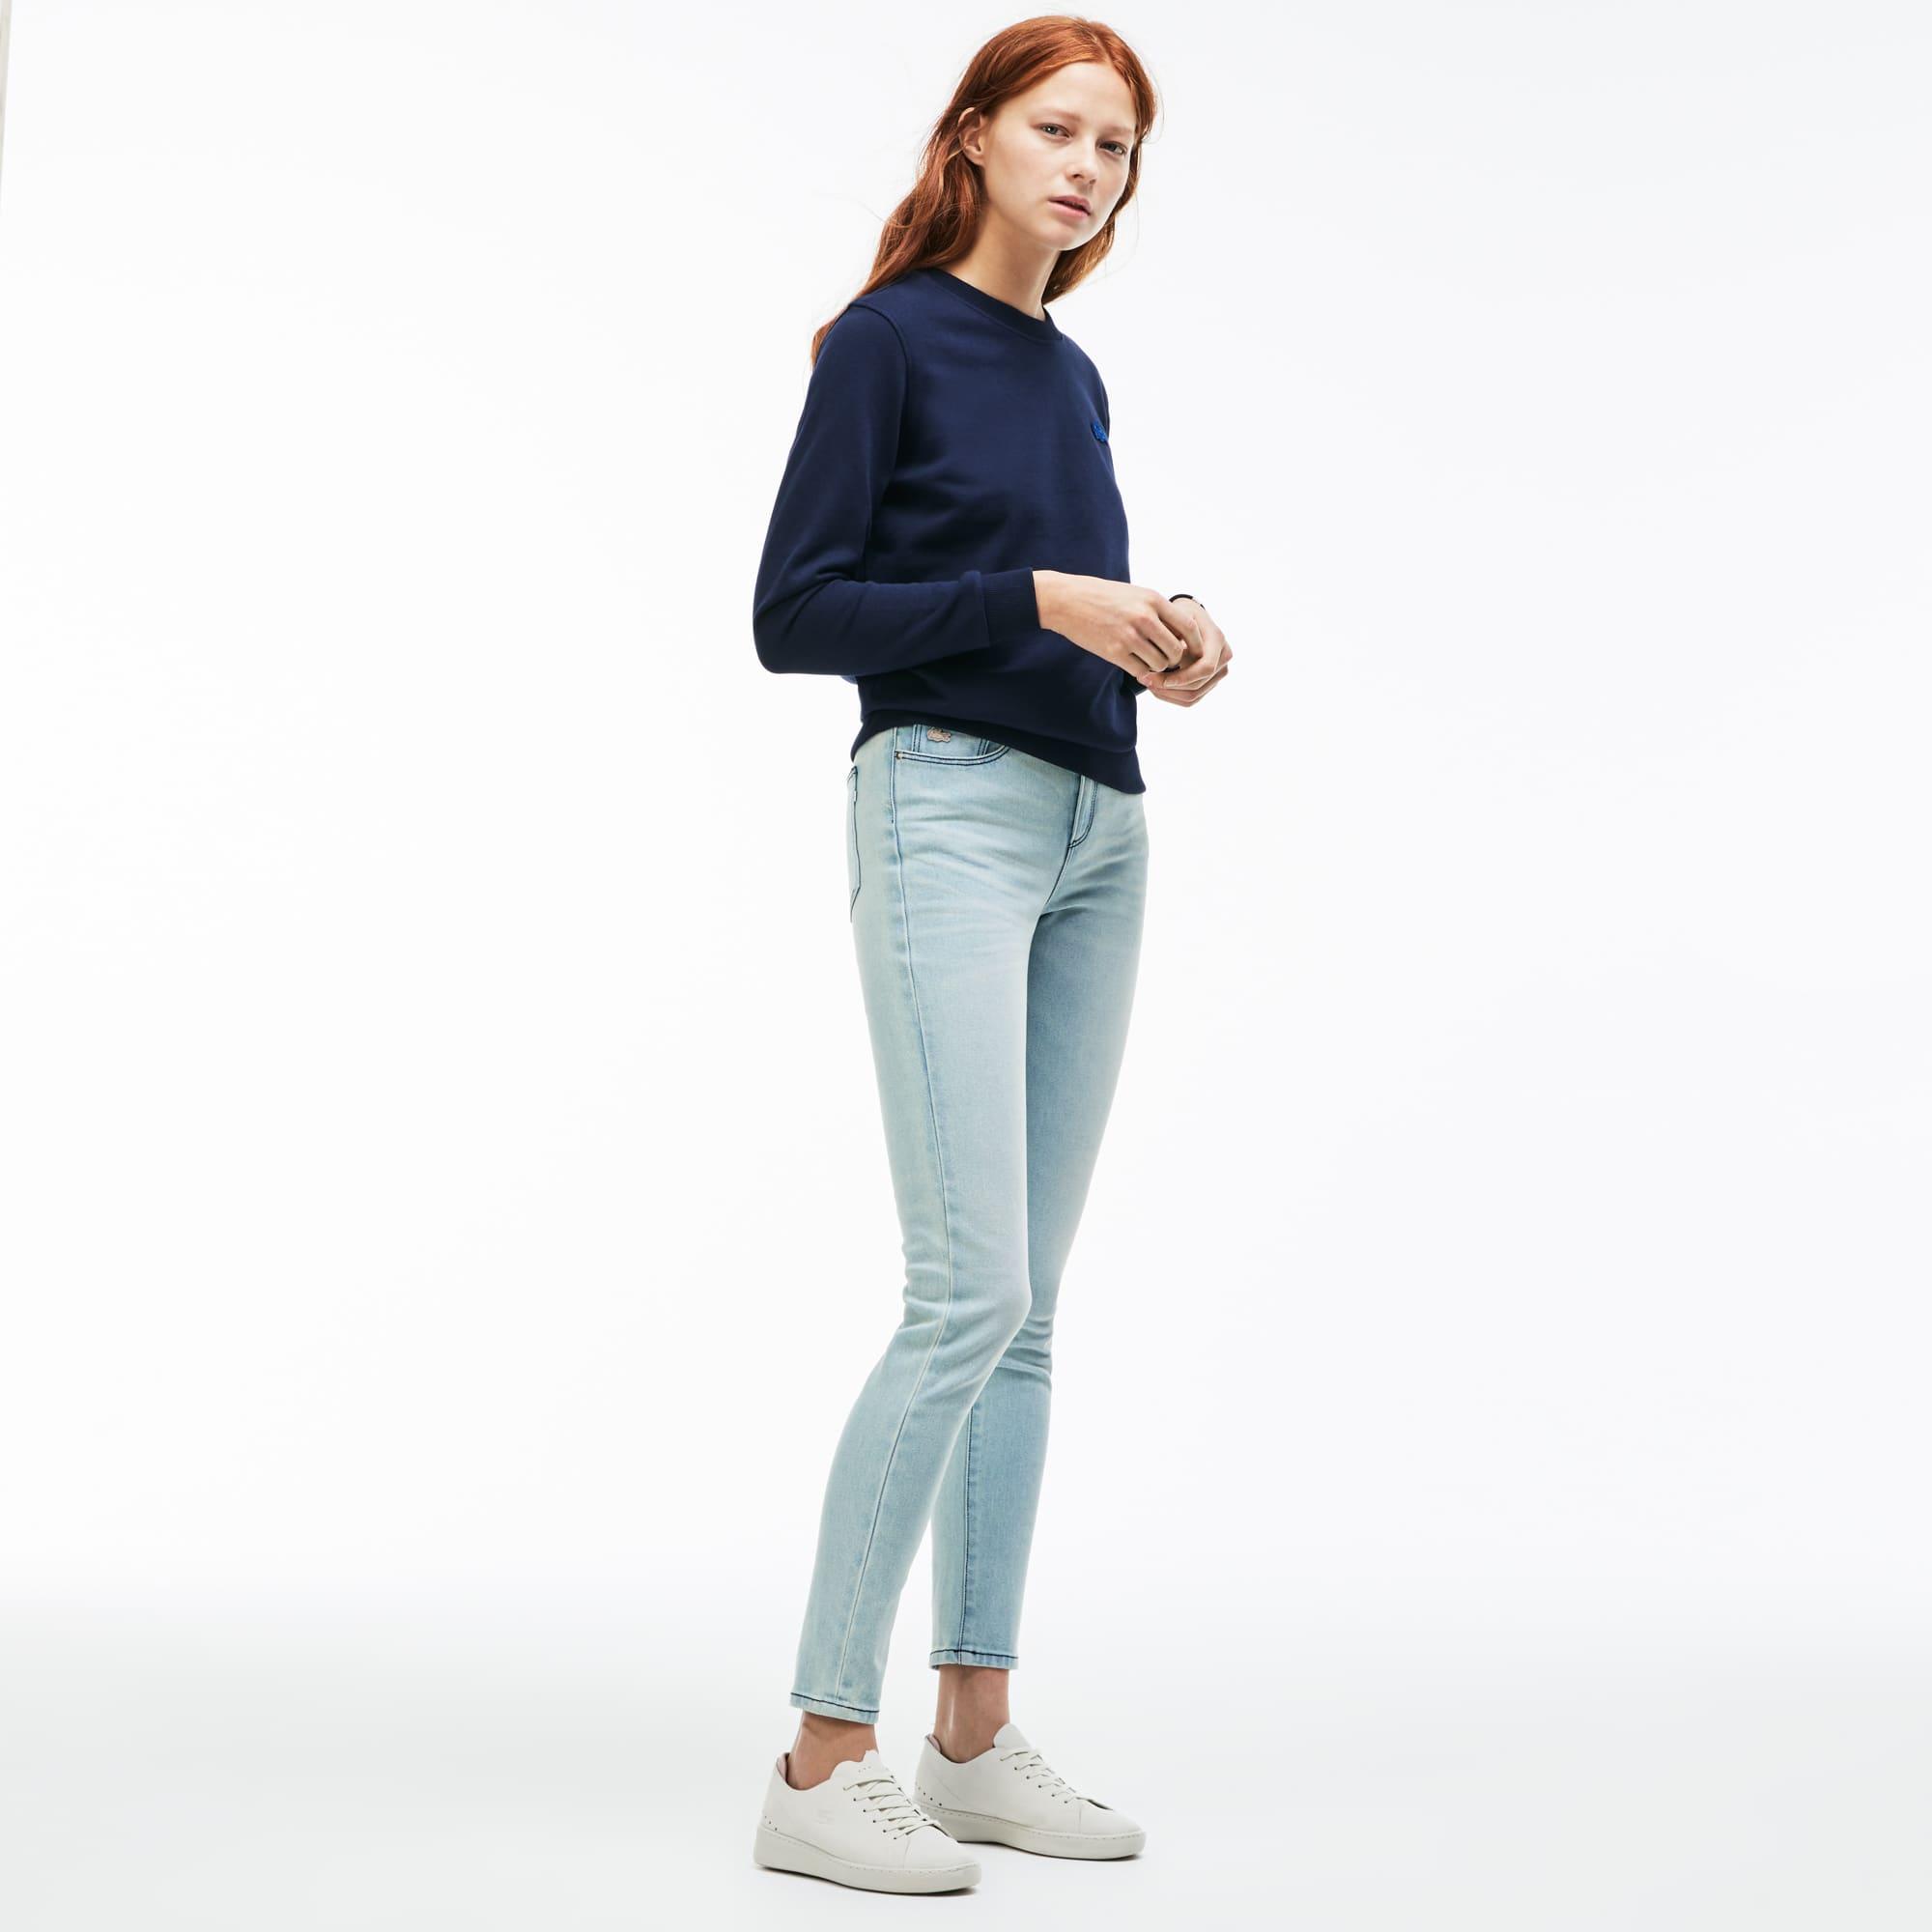 Damen-Jeans aus Stretch-Baumwolle mit 5 Taschen LACOSTE L!VE